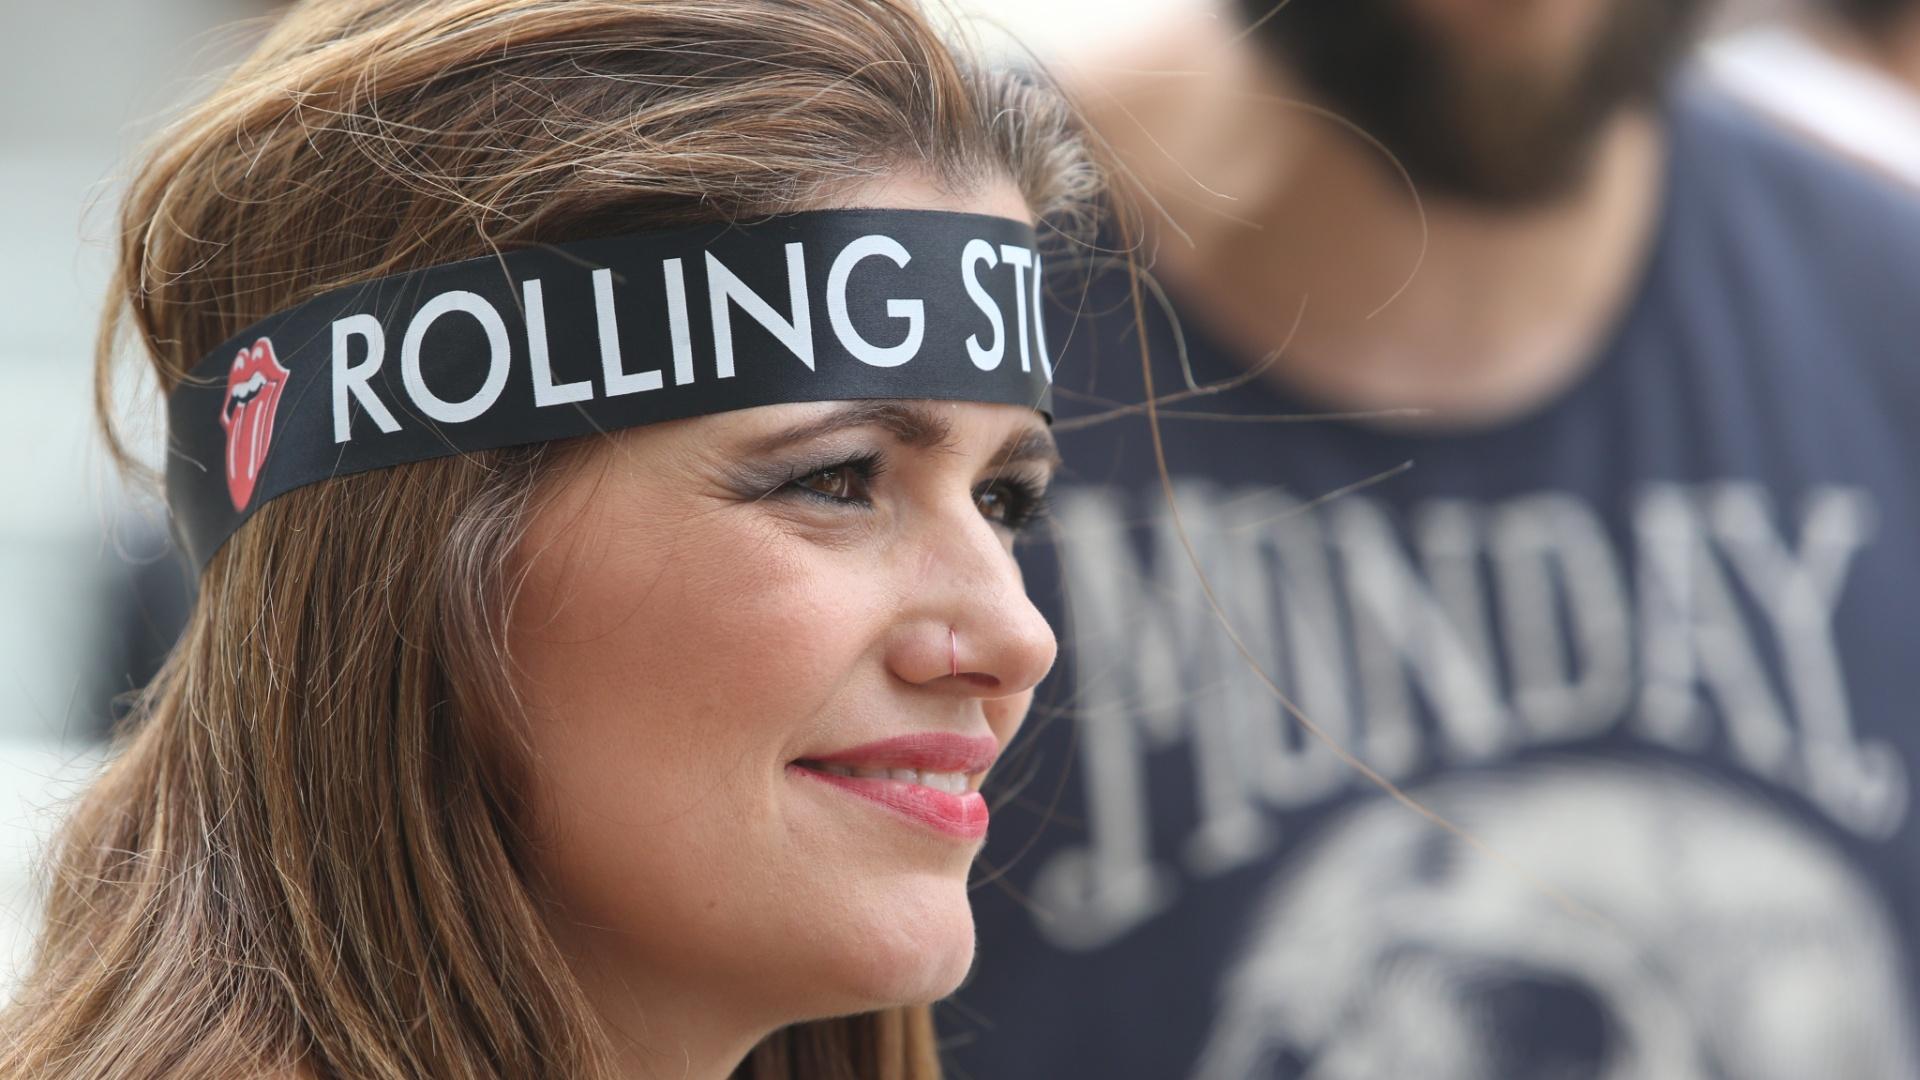 24.fev.2016 - Fã dos Rolling Stone usa faixa da banda britânica na cabeça antes de entrar no estádio do Morumbi para assistir ao primeiro show da